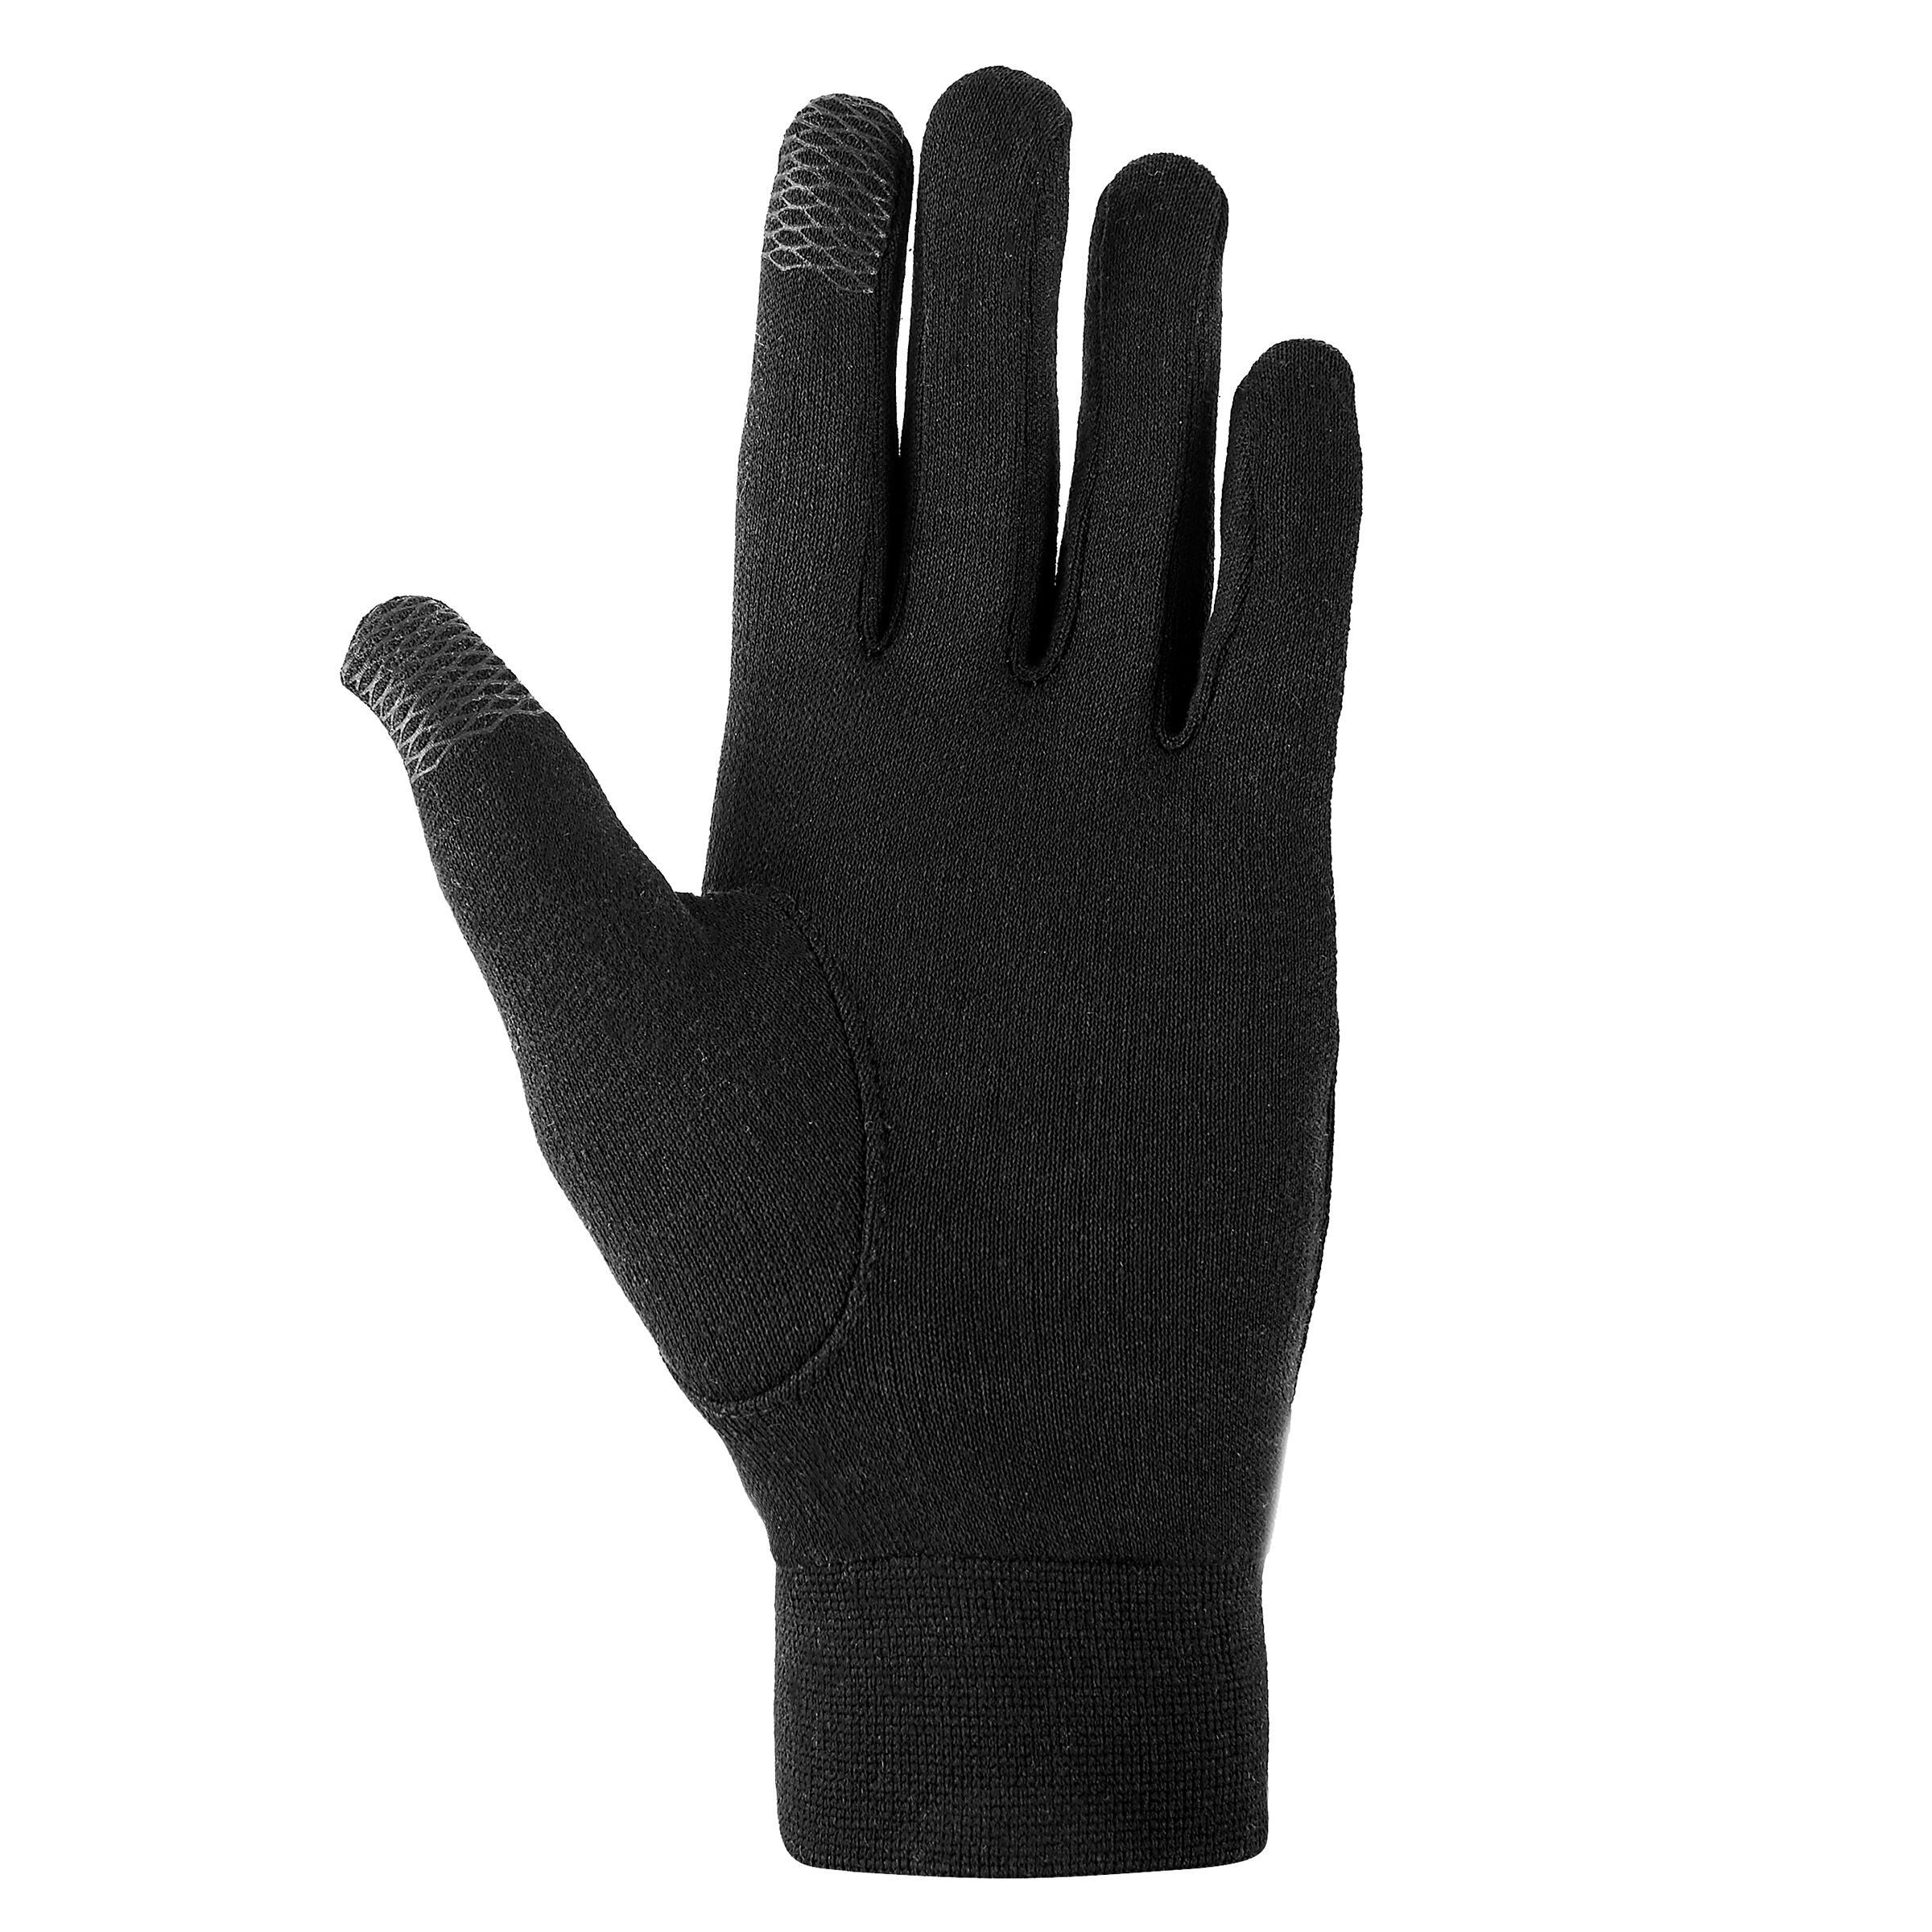 Sous gants soie noir Taille 7